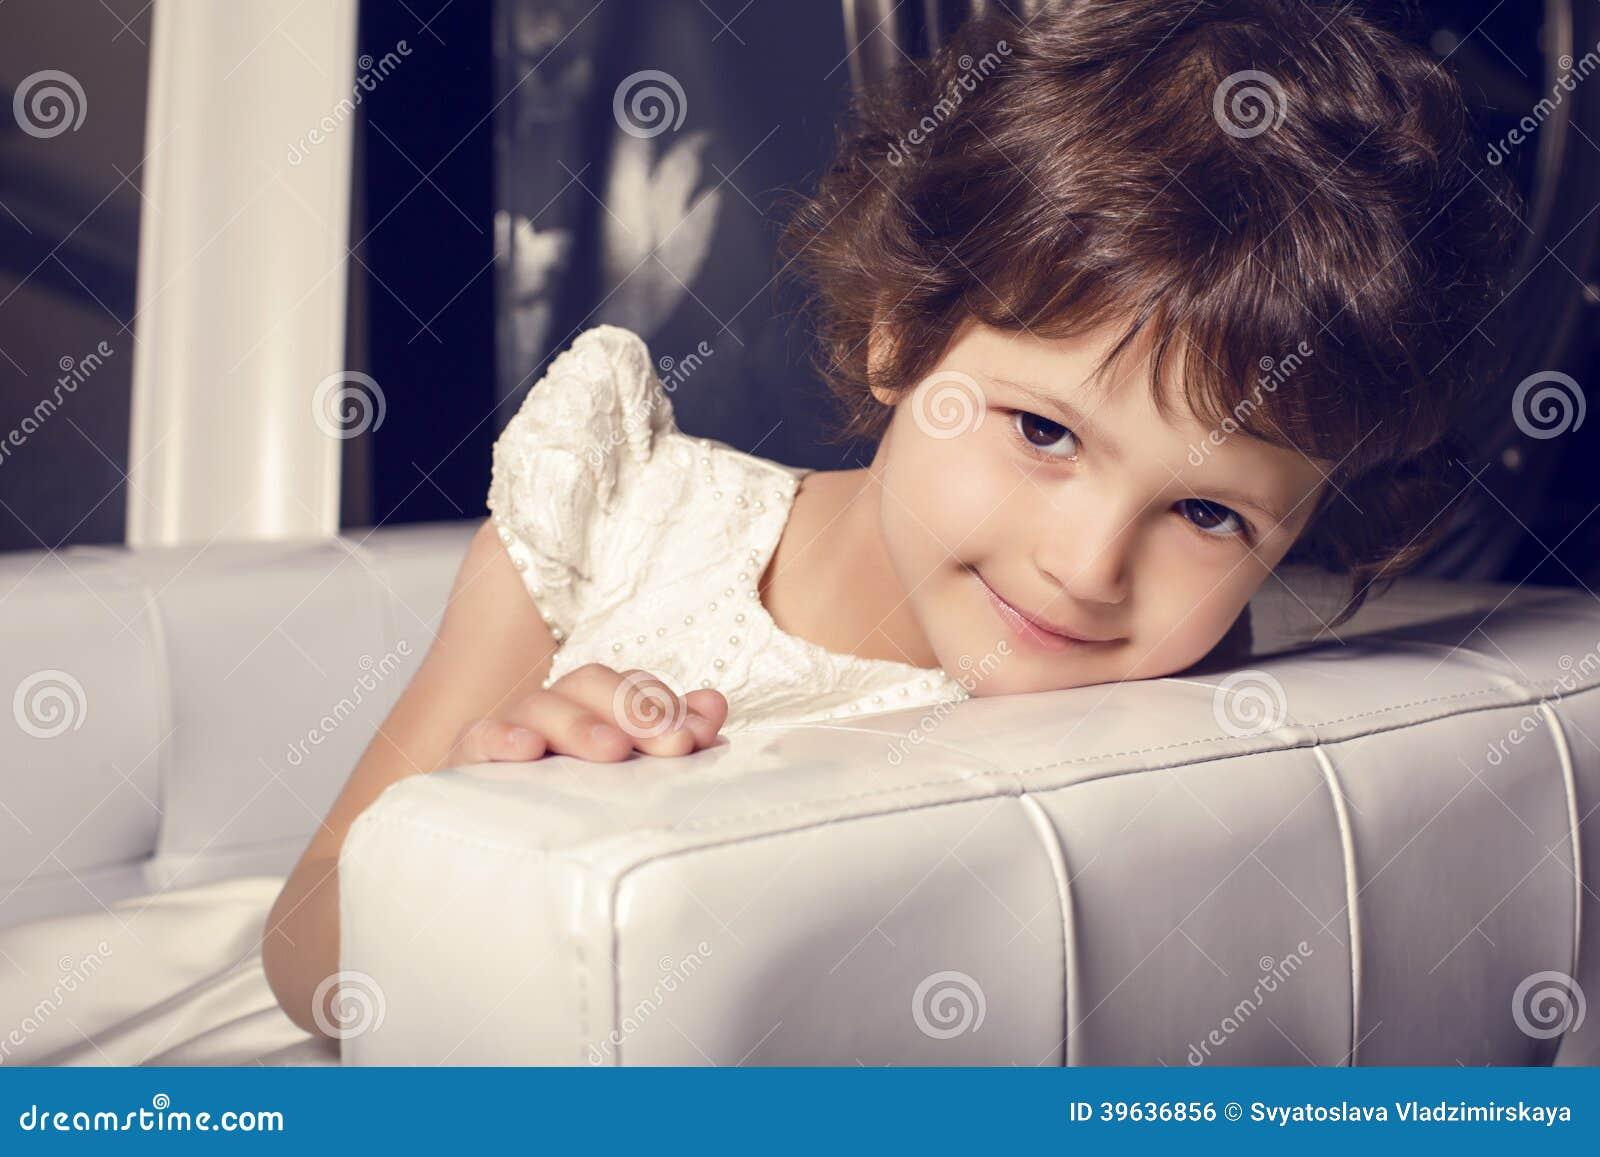 Beautiful little cute girl in elegant dress